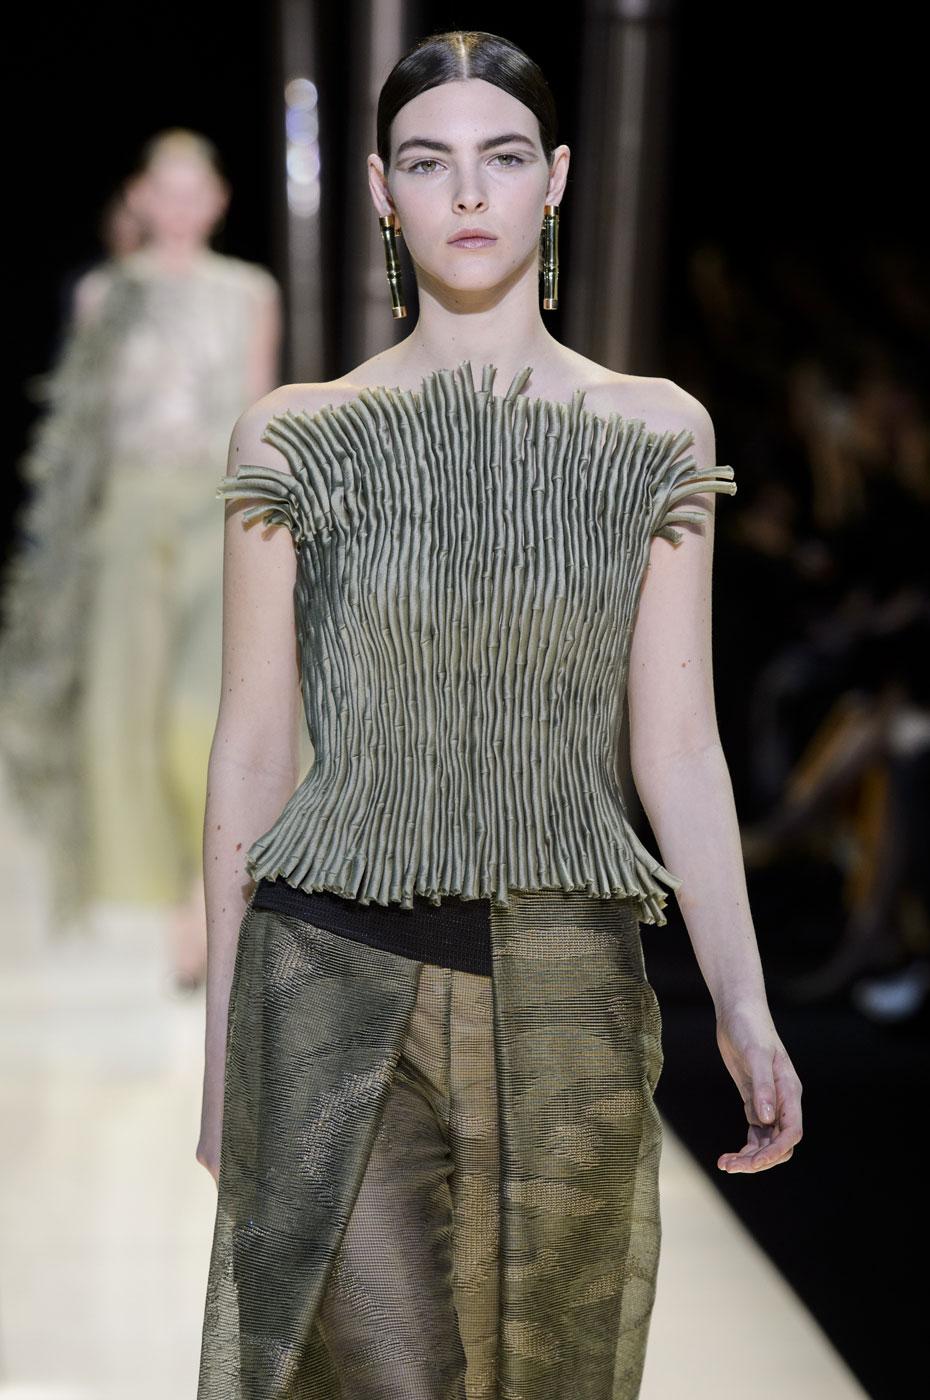 Giorgio-armani-Prive-fashion-runway-show-haute-couture-paris-spring-2015-the-impression-046